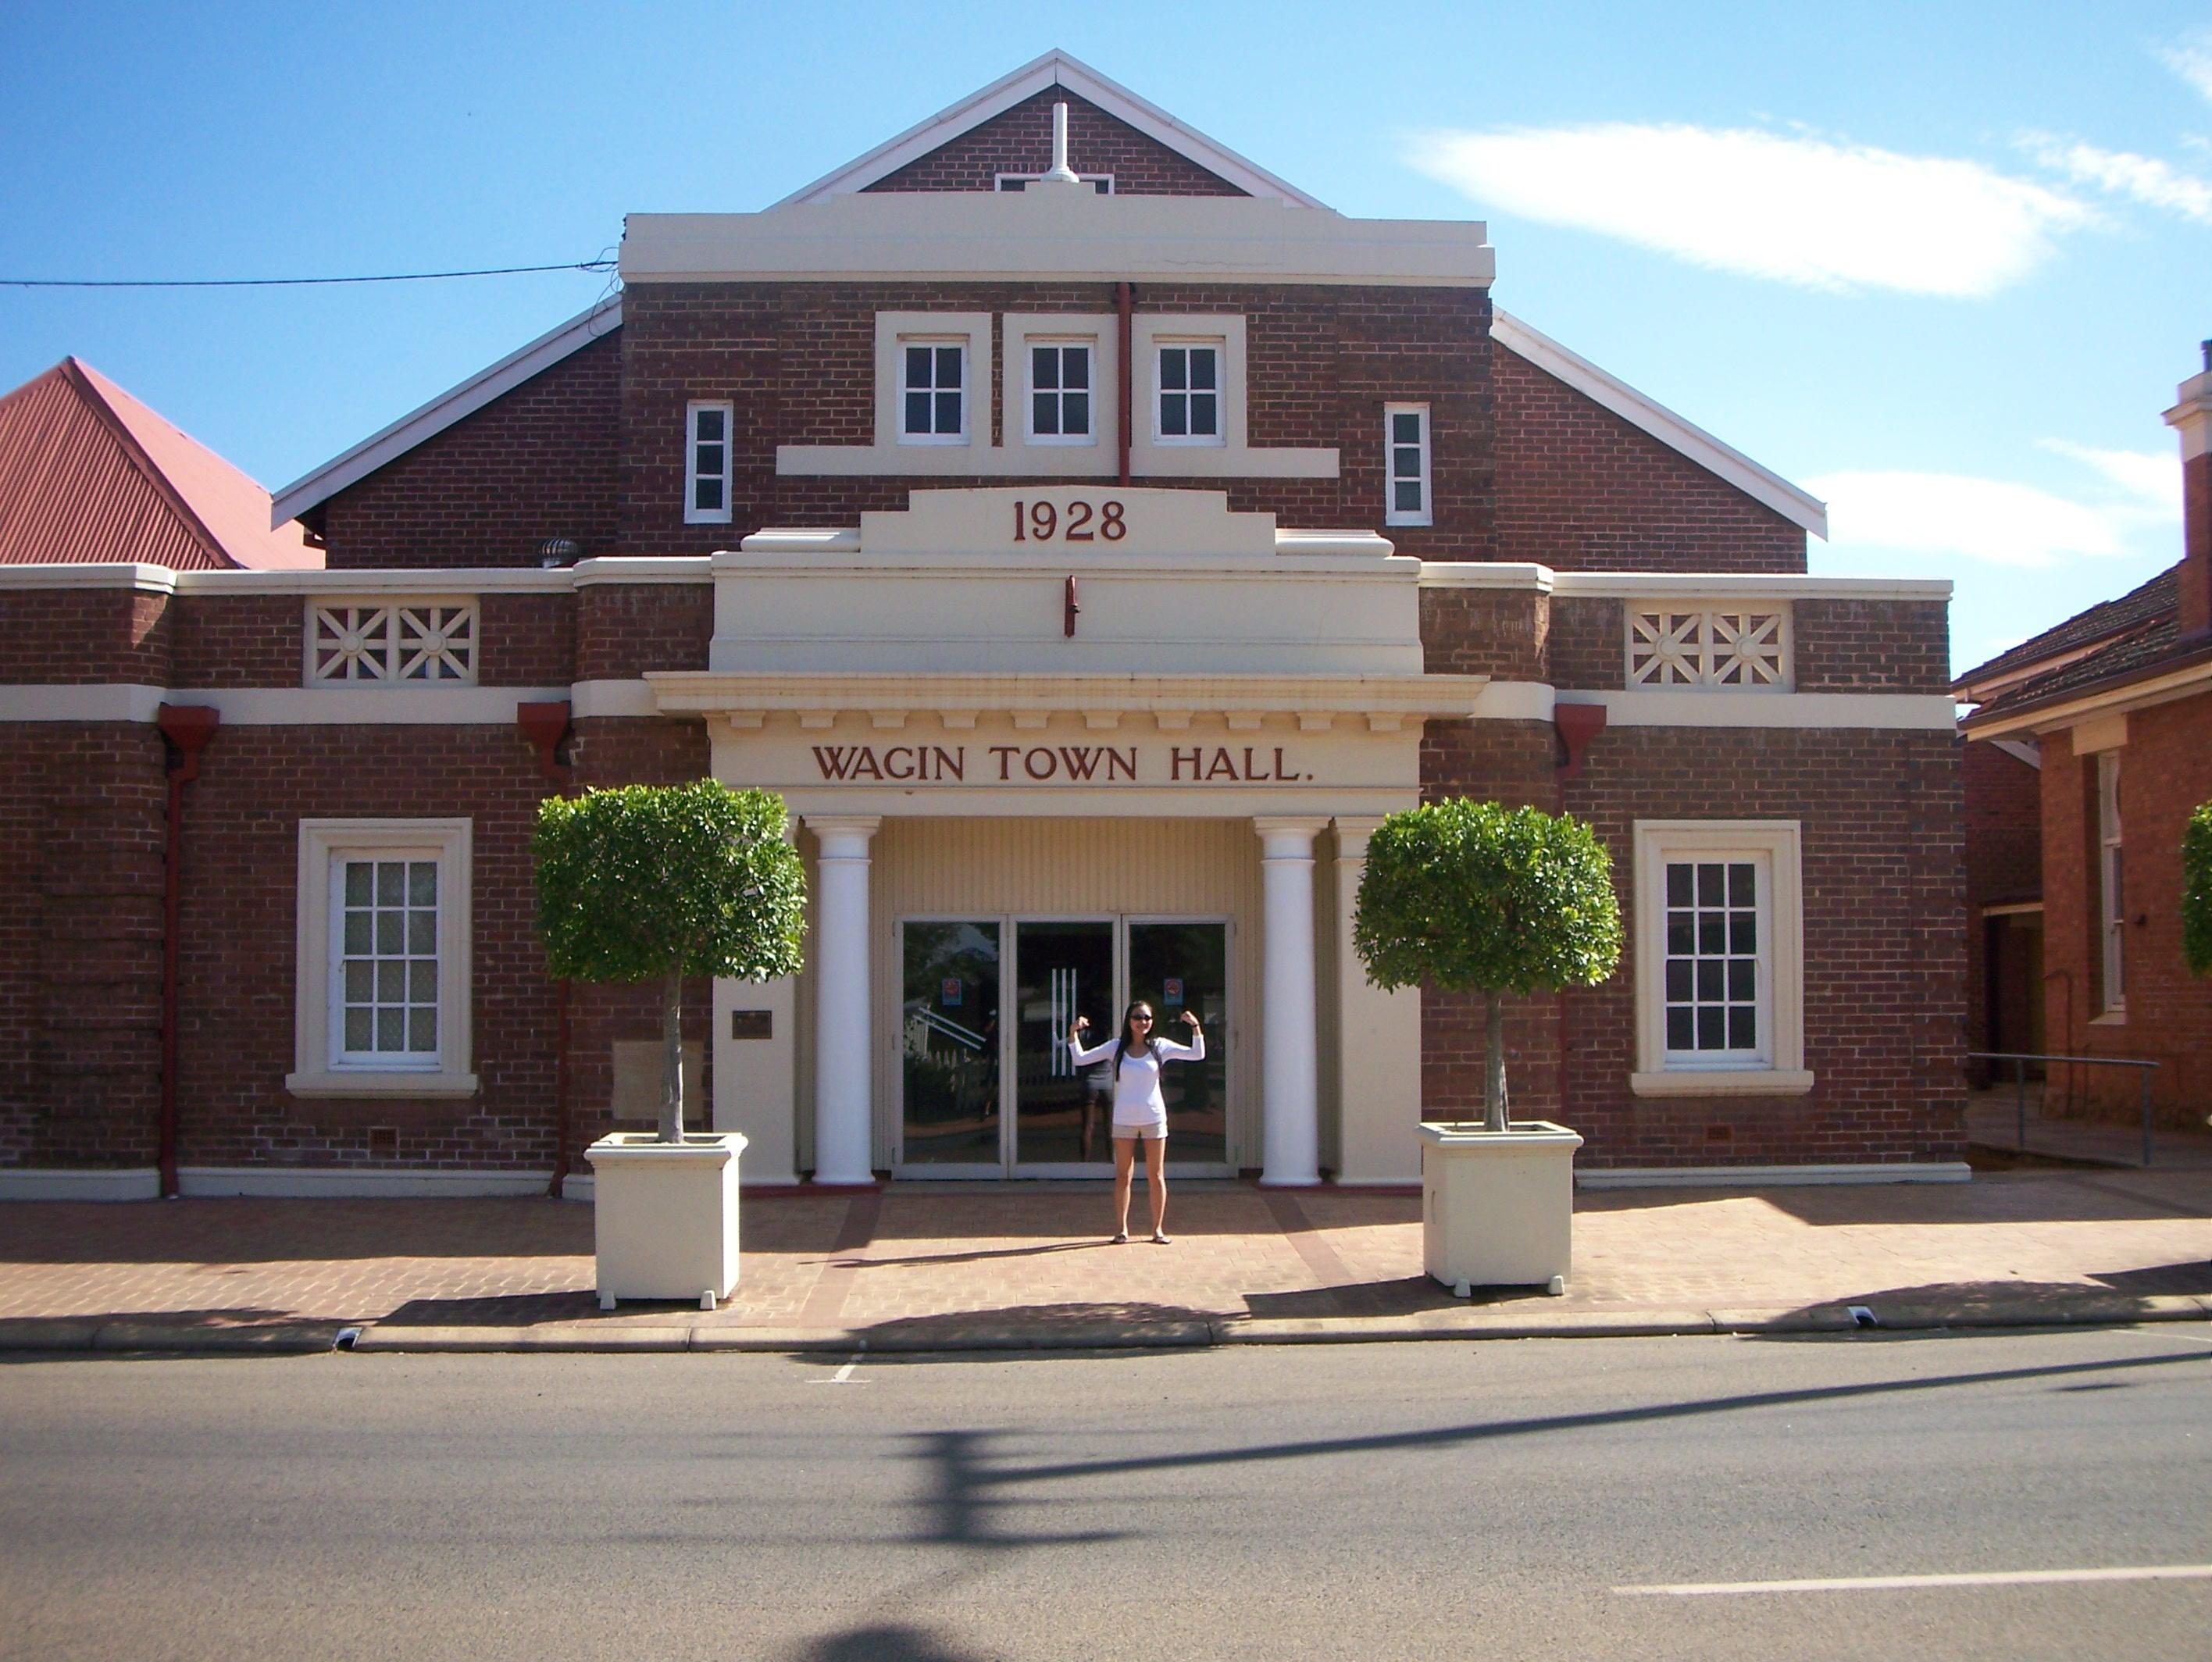 Wagin Town Hall